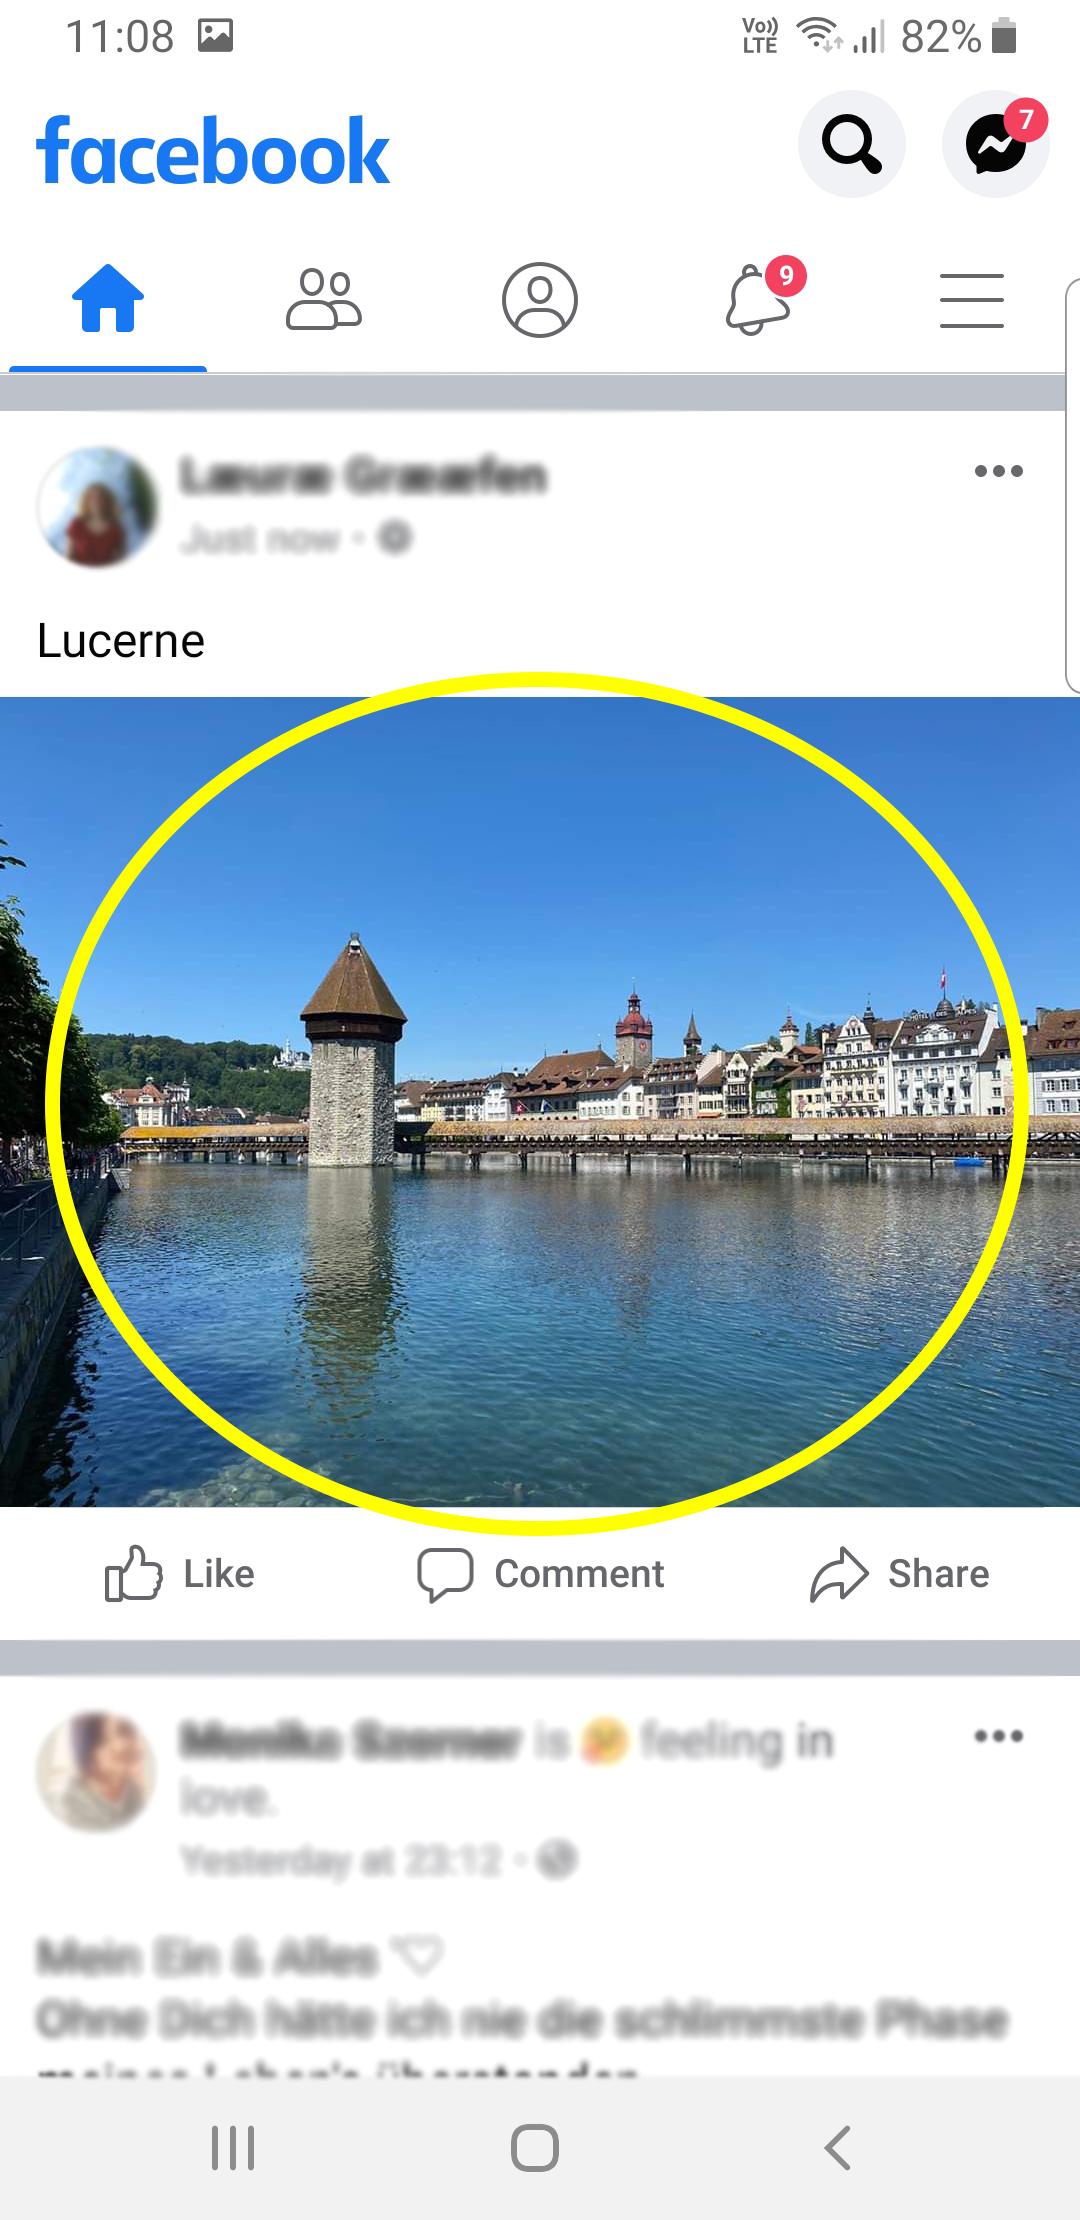 Facebook-Feed mit einem Beitrag mit einem Bild von Luzern. Das Bild ist gelb markiert.